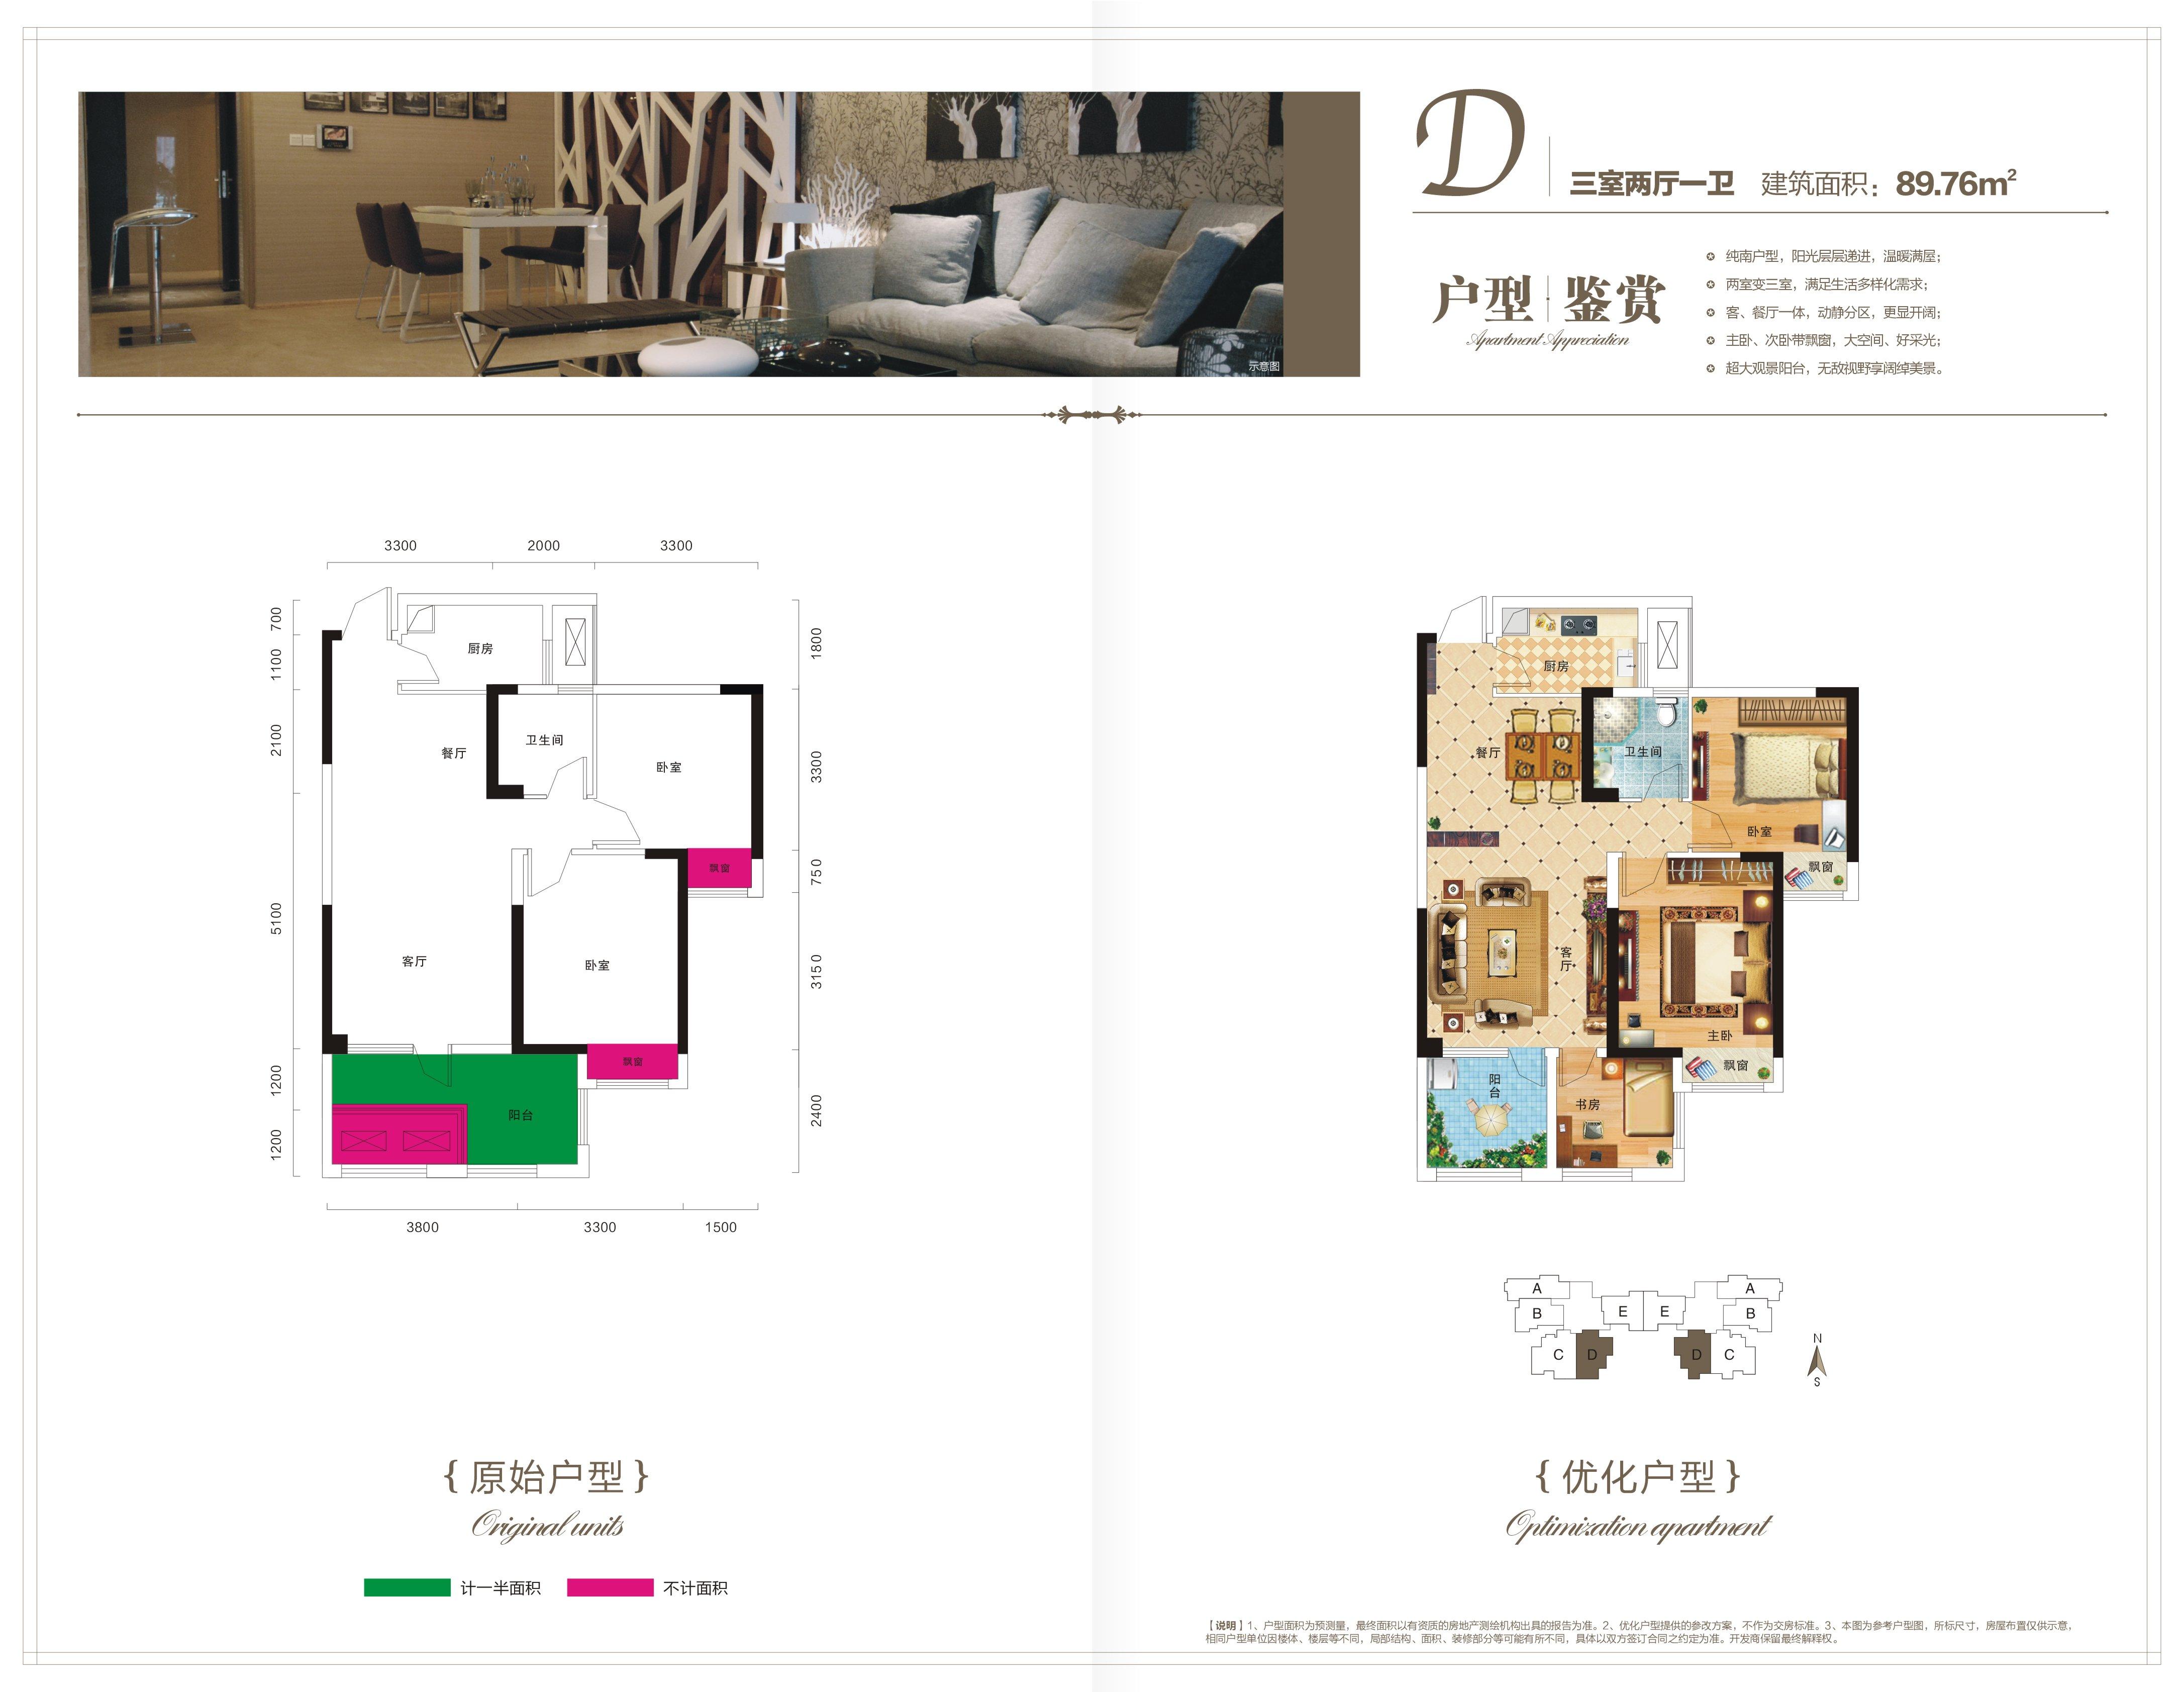 新房 东西湖区 怡华逸天地  怡华逸天地一期  loft三室两厅两卫两阳台